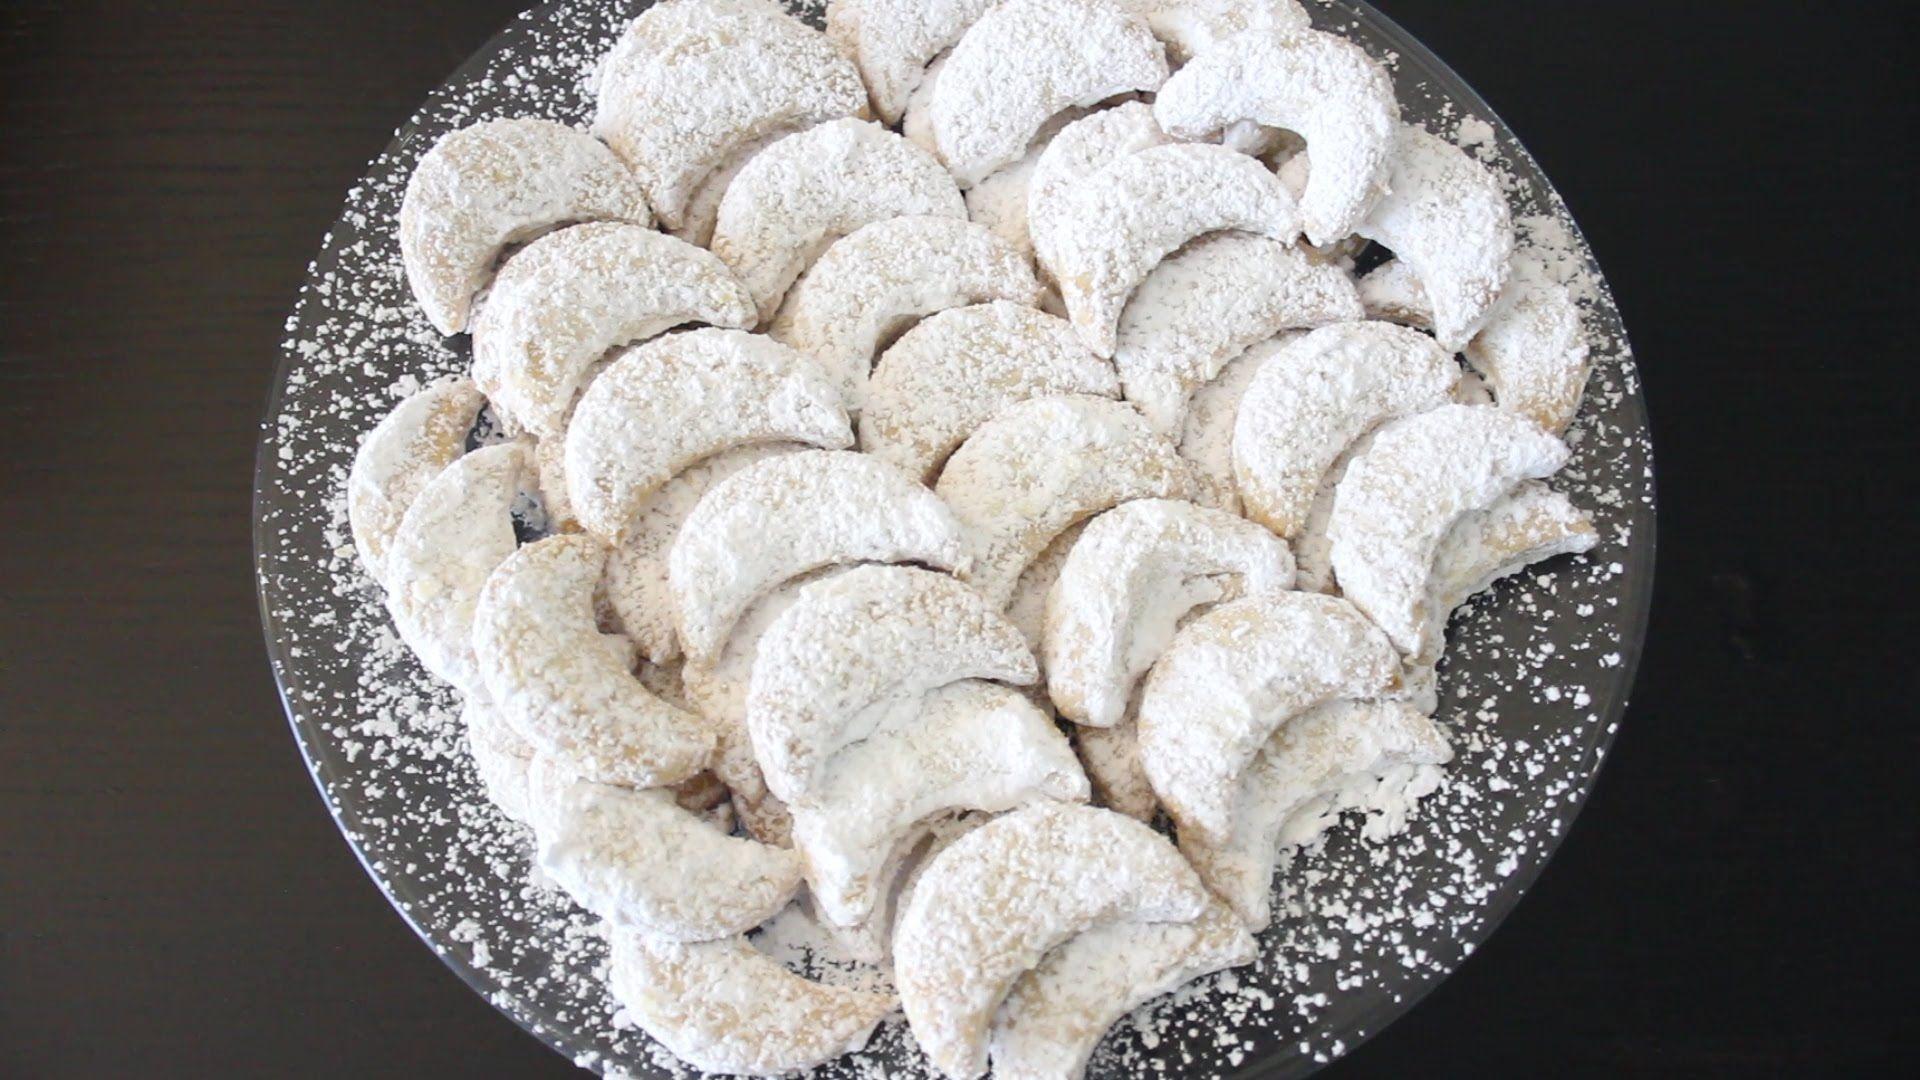 Resep Membuat Kue Putri Salju Salah Satu Resep Kue Kering Putri Salju Yang Cukup Klasik Ini Memang Tidak Pernah Absen Pada Setiap Pe Kue Putri Kue Kering Kue